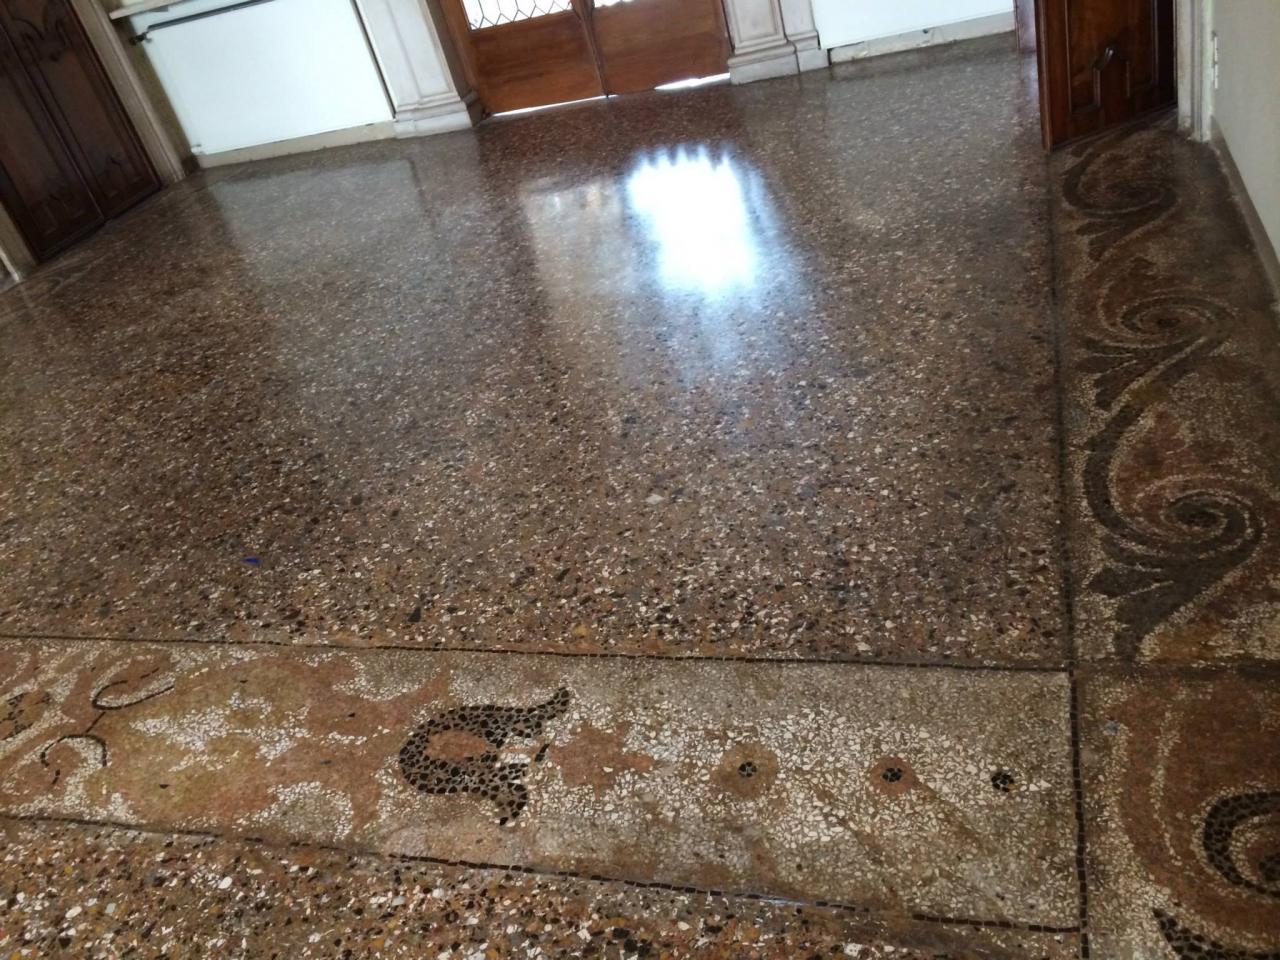 Pavimento In Terrazzo Alla Veneziana pavimenti alla veneziana: la storia | fratelli pellizzari